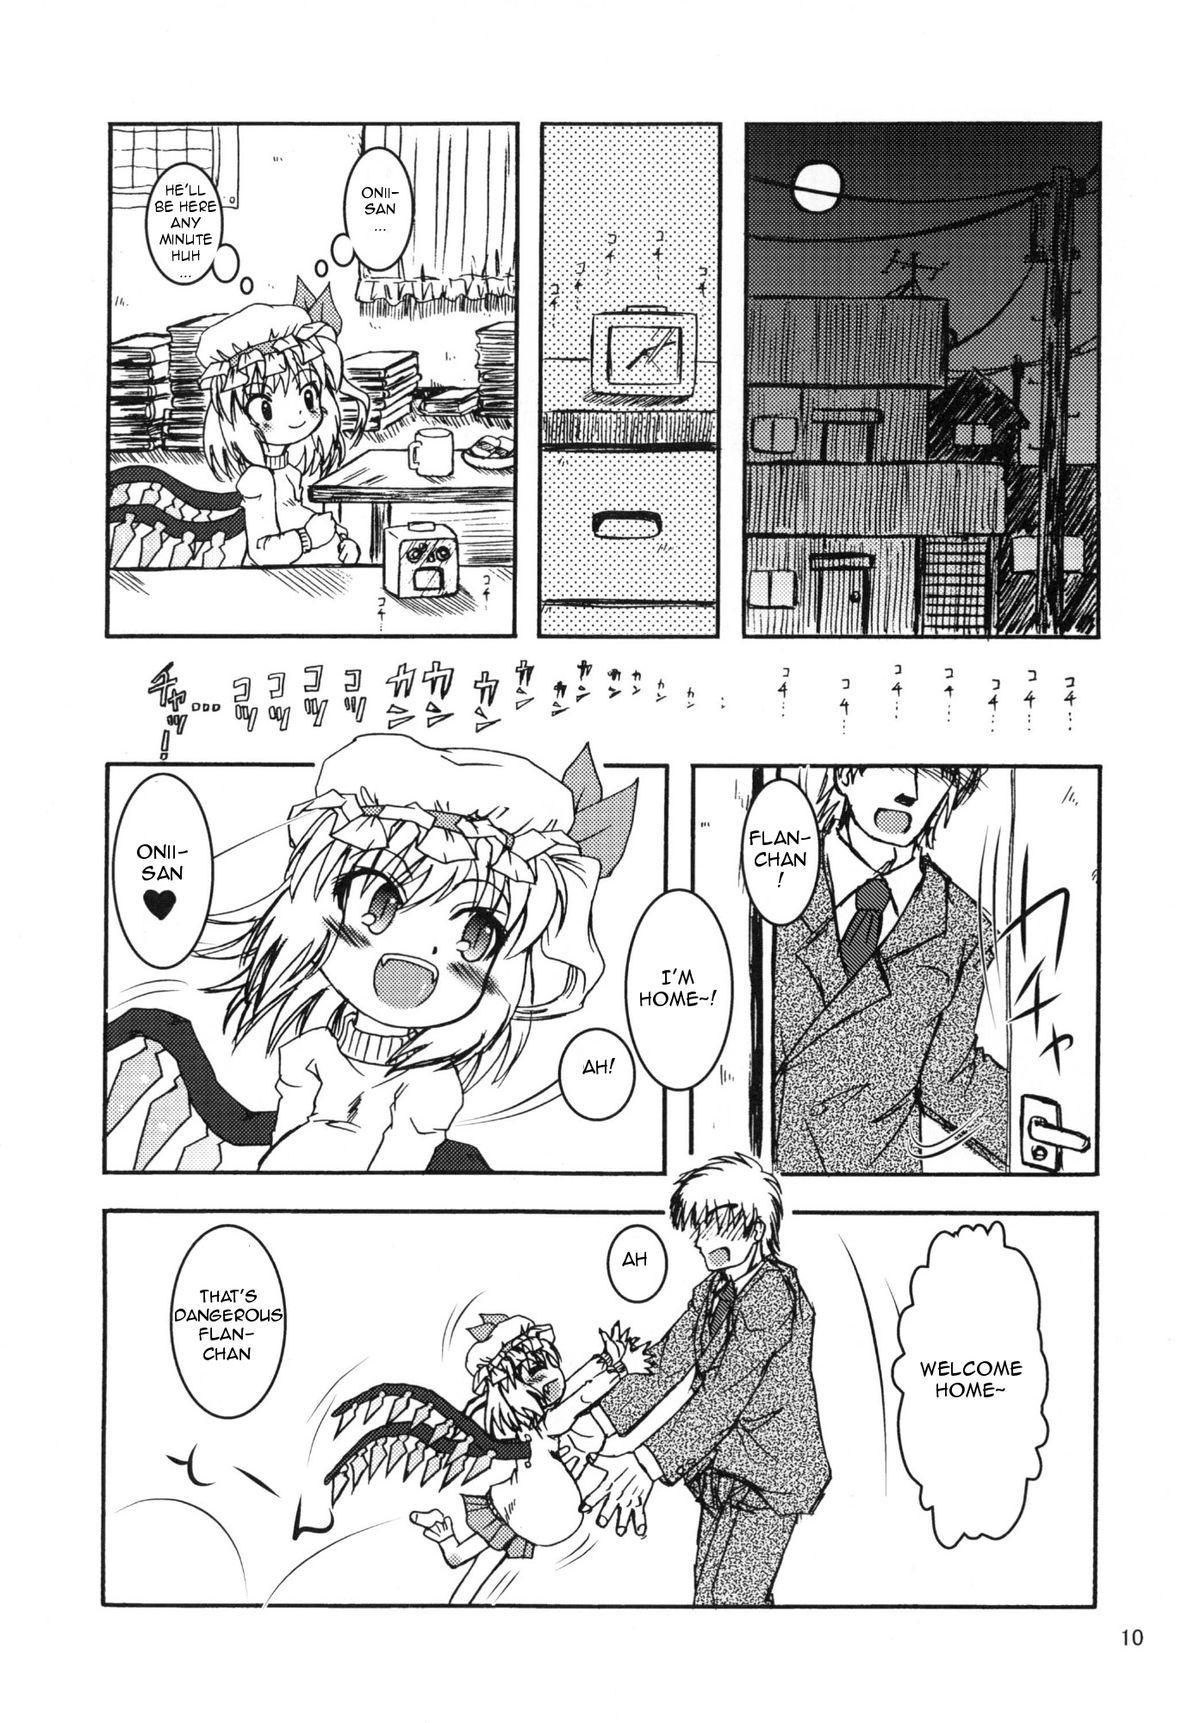 Furan Yon Bun no Ichi Shiawasena Futari | Flan: 1/4th happy couple 8